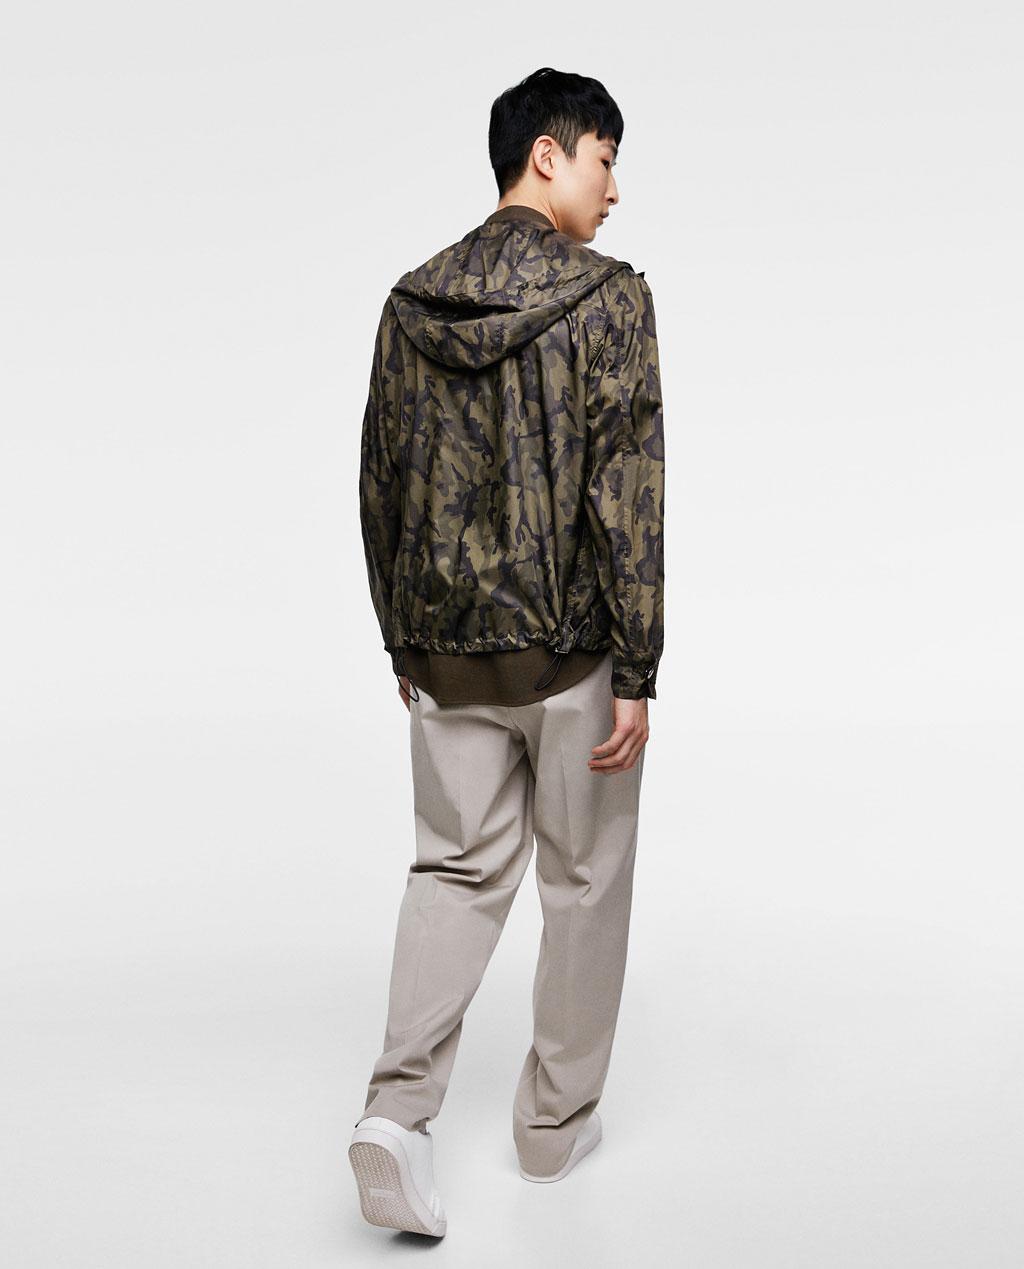 Thời trang nam Zara  23872 - ảnh 5